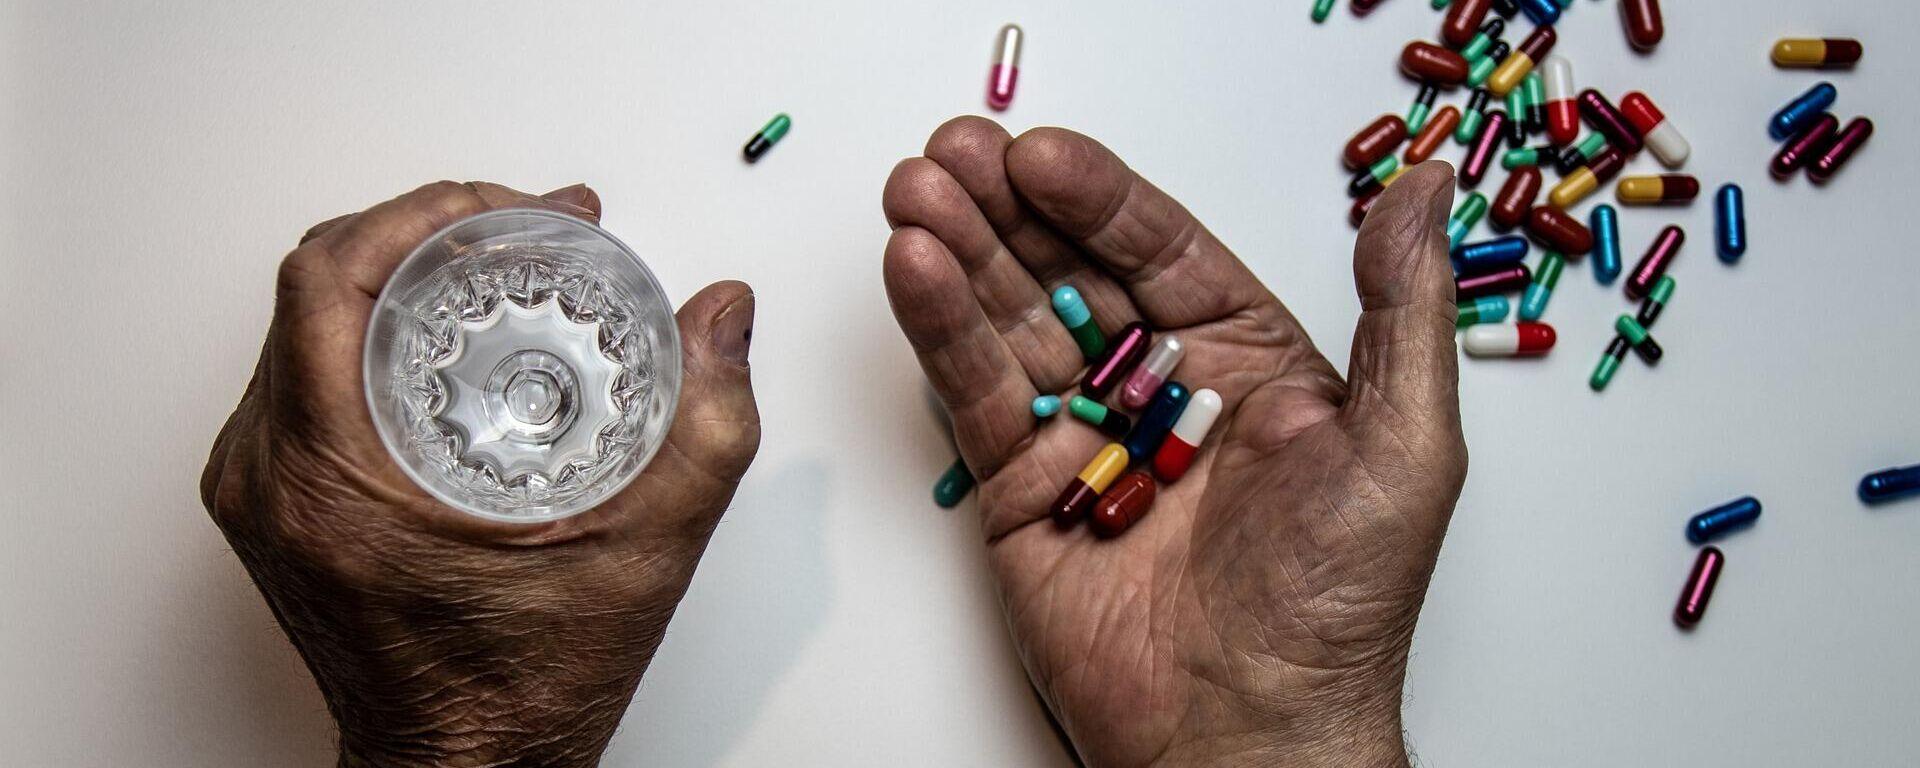 Una persona a punto de tomar píldoras - Sputnik Mundo, 1920, 24.07.2021